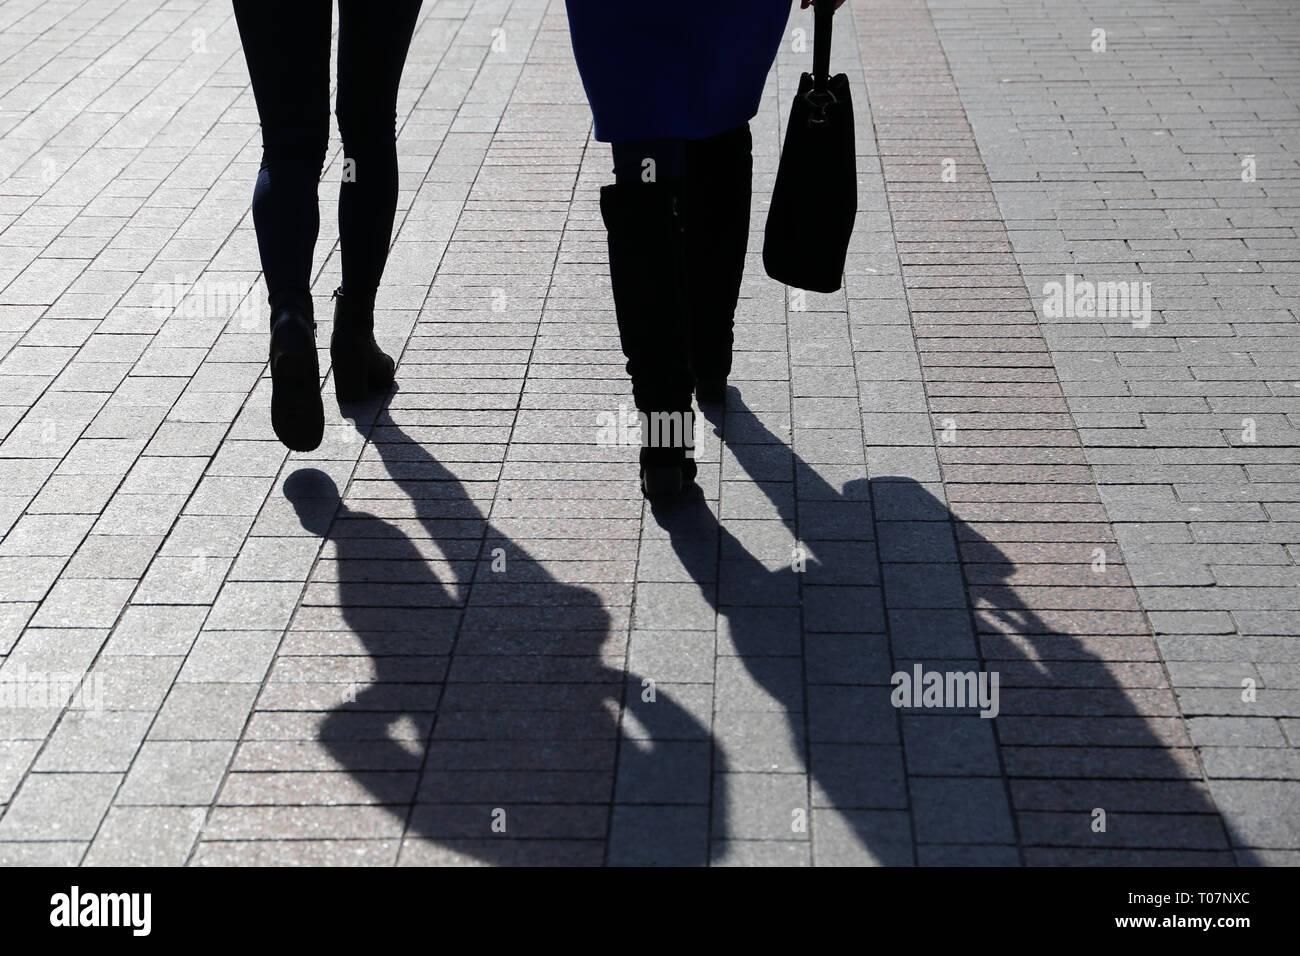 66232c2628d21c Zwei Frauen auf der Straße, schwarze Silhouetten und Schatten auf Pflaster.  Schlanke Beine in Stiefeln, Konzept der weiblichen Mode, Freundschaft, ...